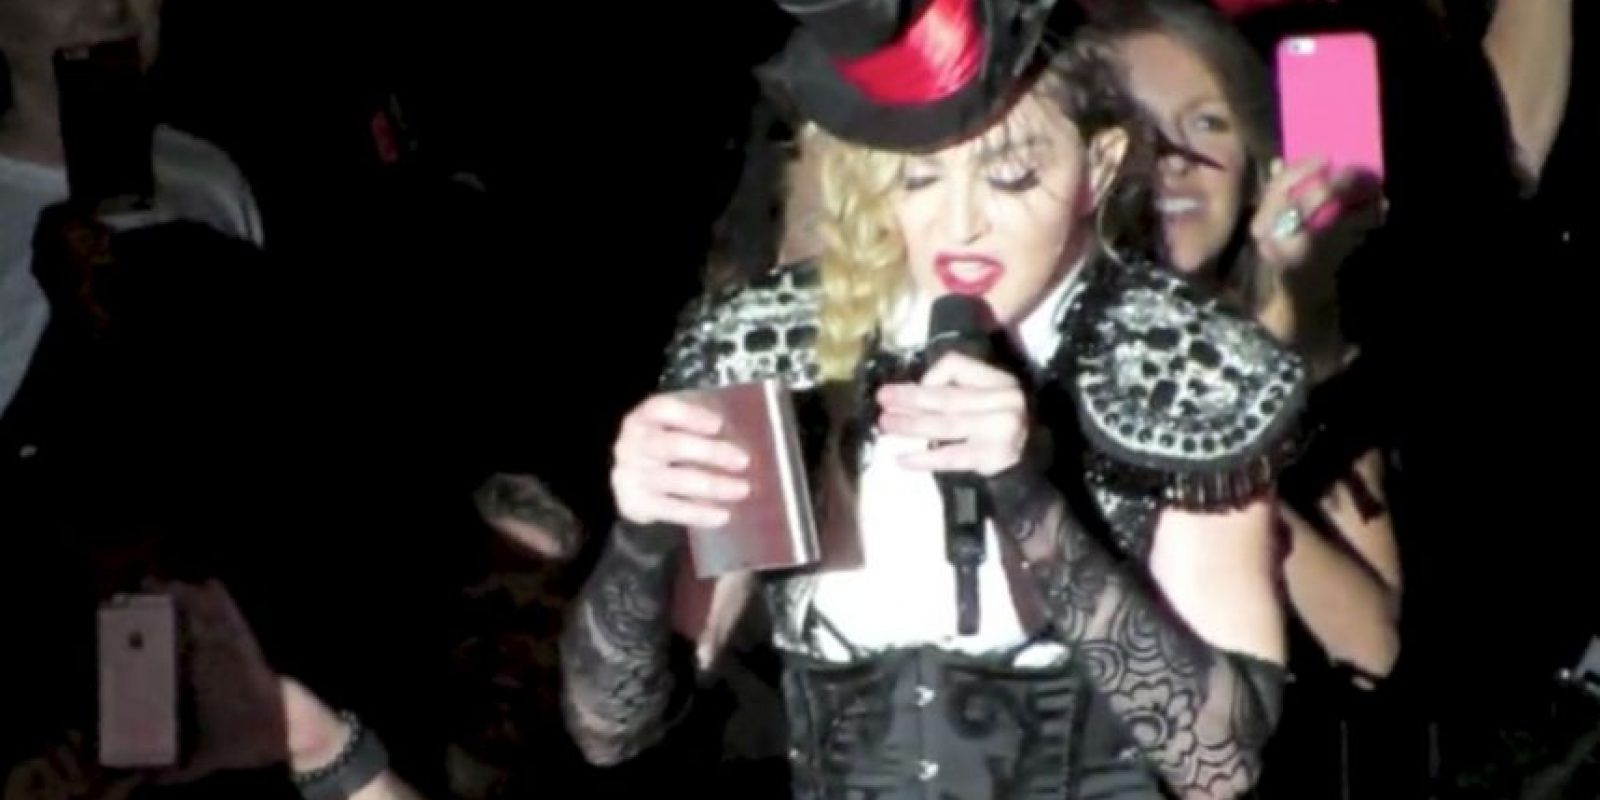 El juicio por la custodia de su hijo Rocco ha tenido a Madonna muy mal anímica y físicamente. Foto:Grosby Group